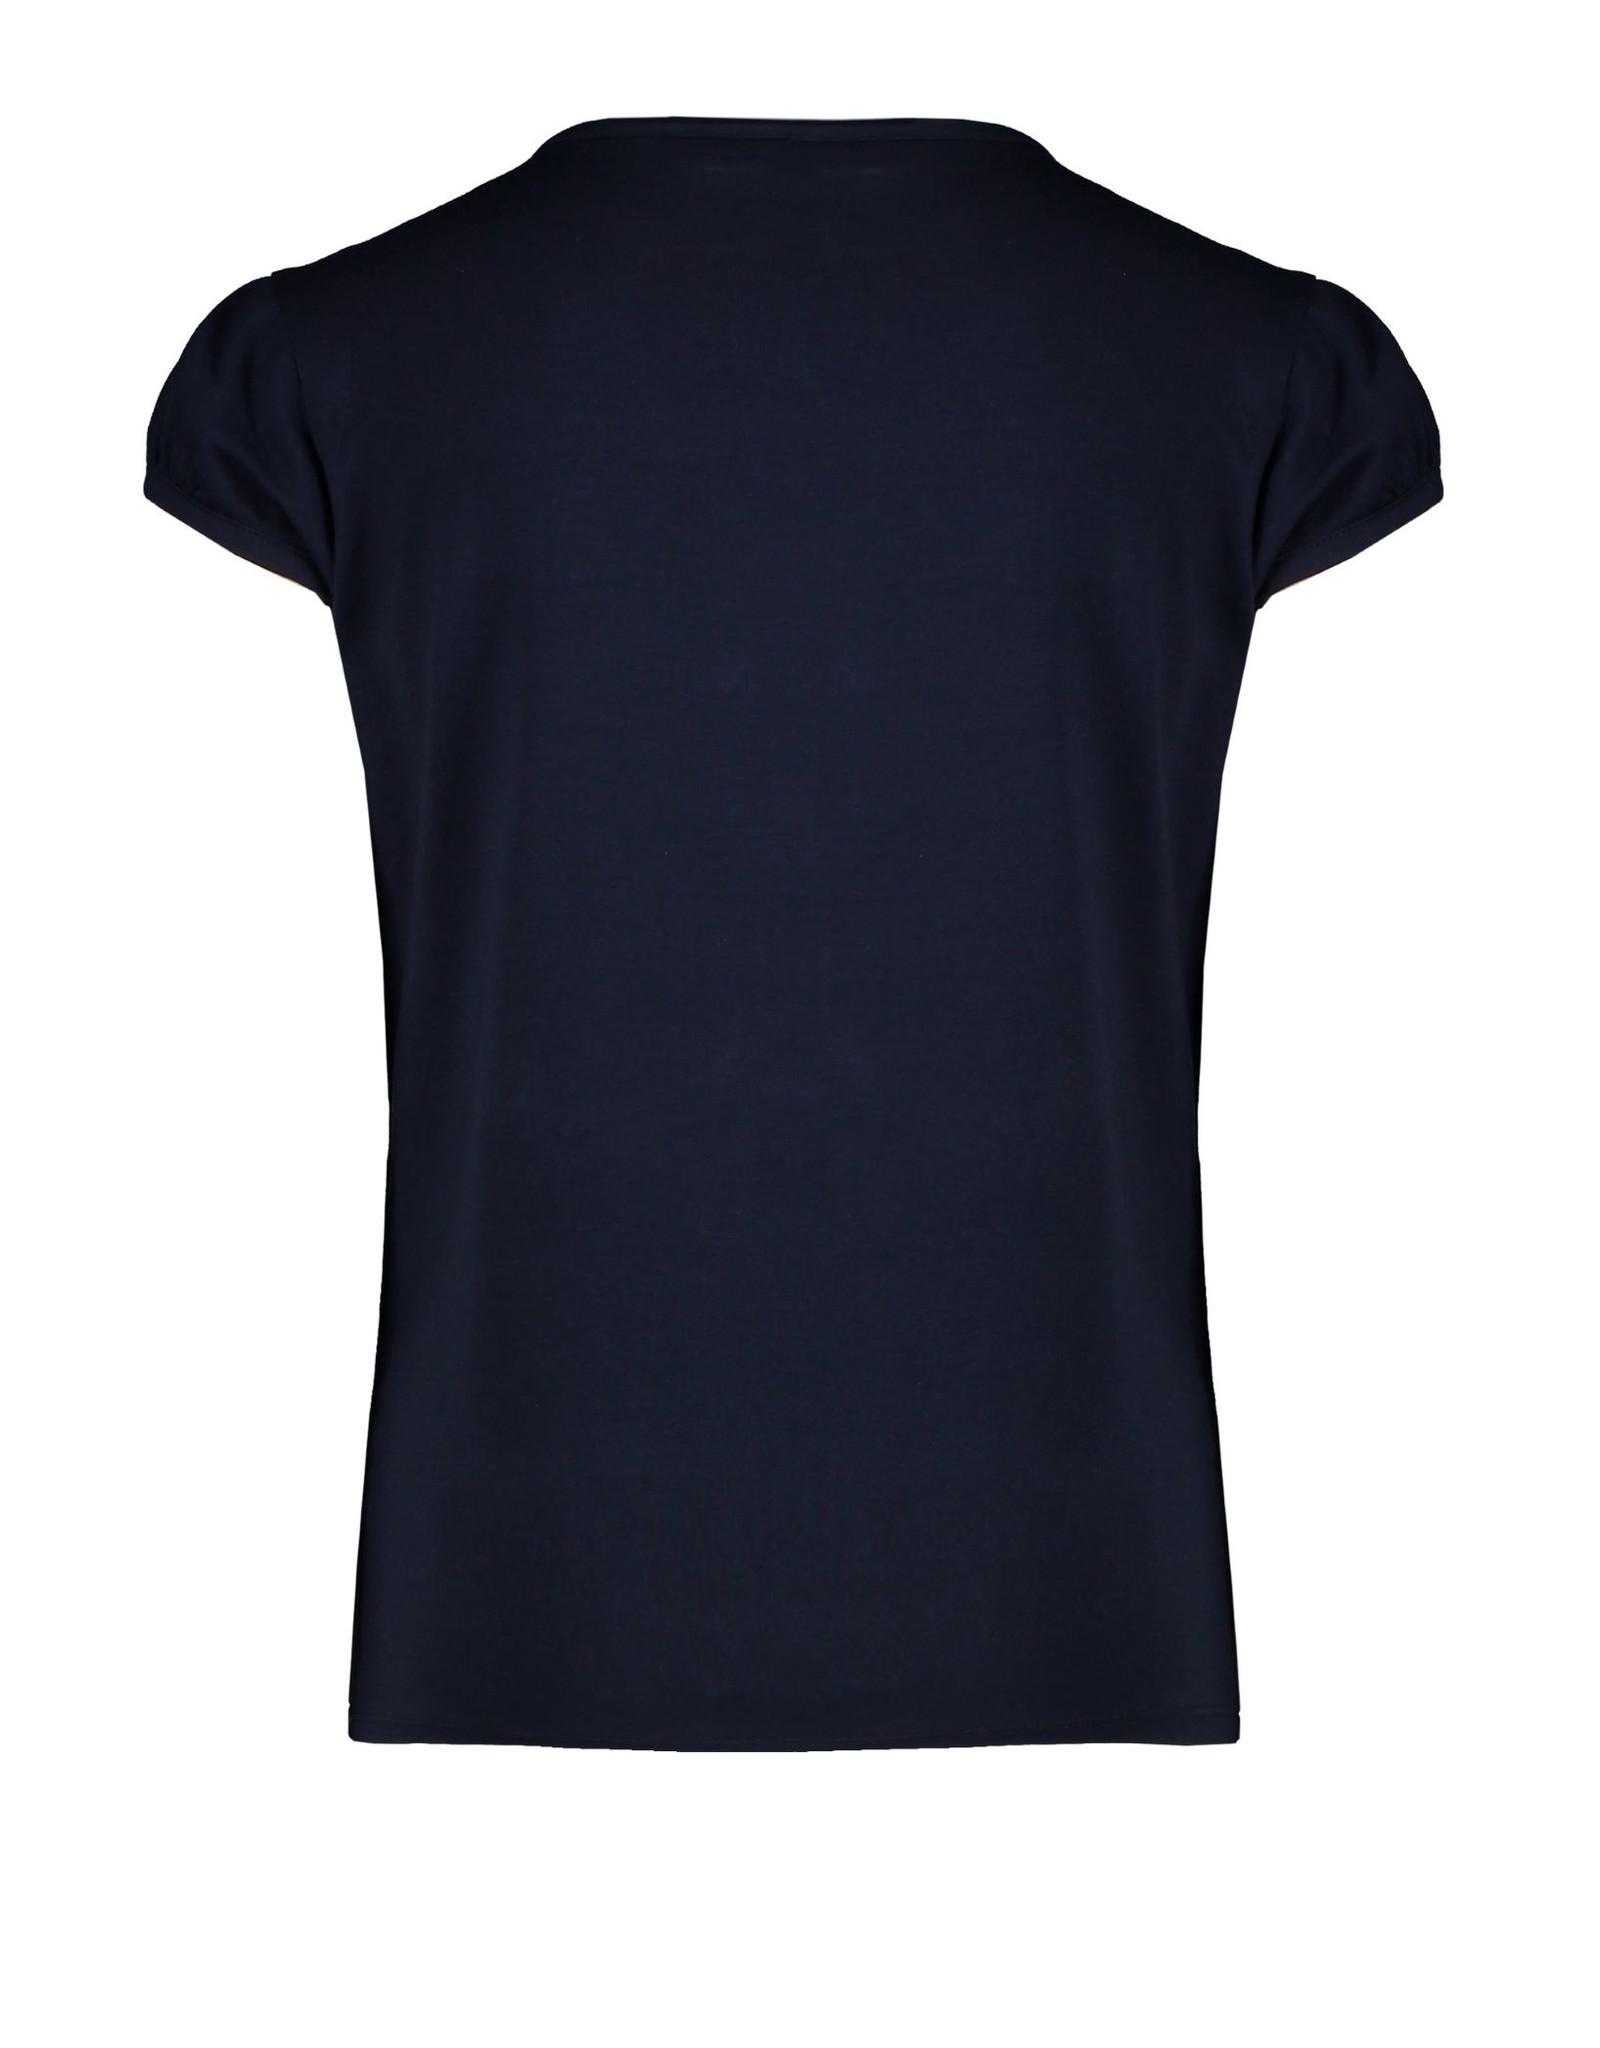 NONO NONO shirt 5400 navy blazer